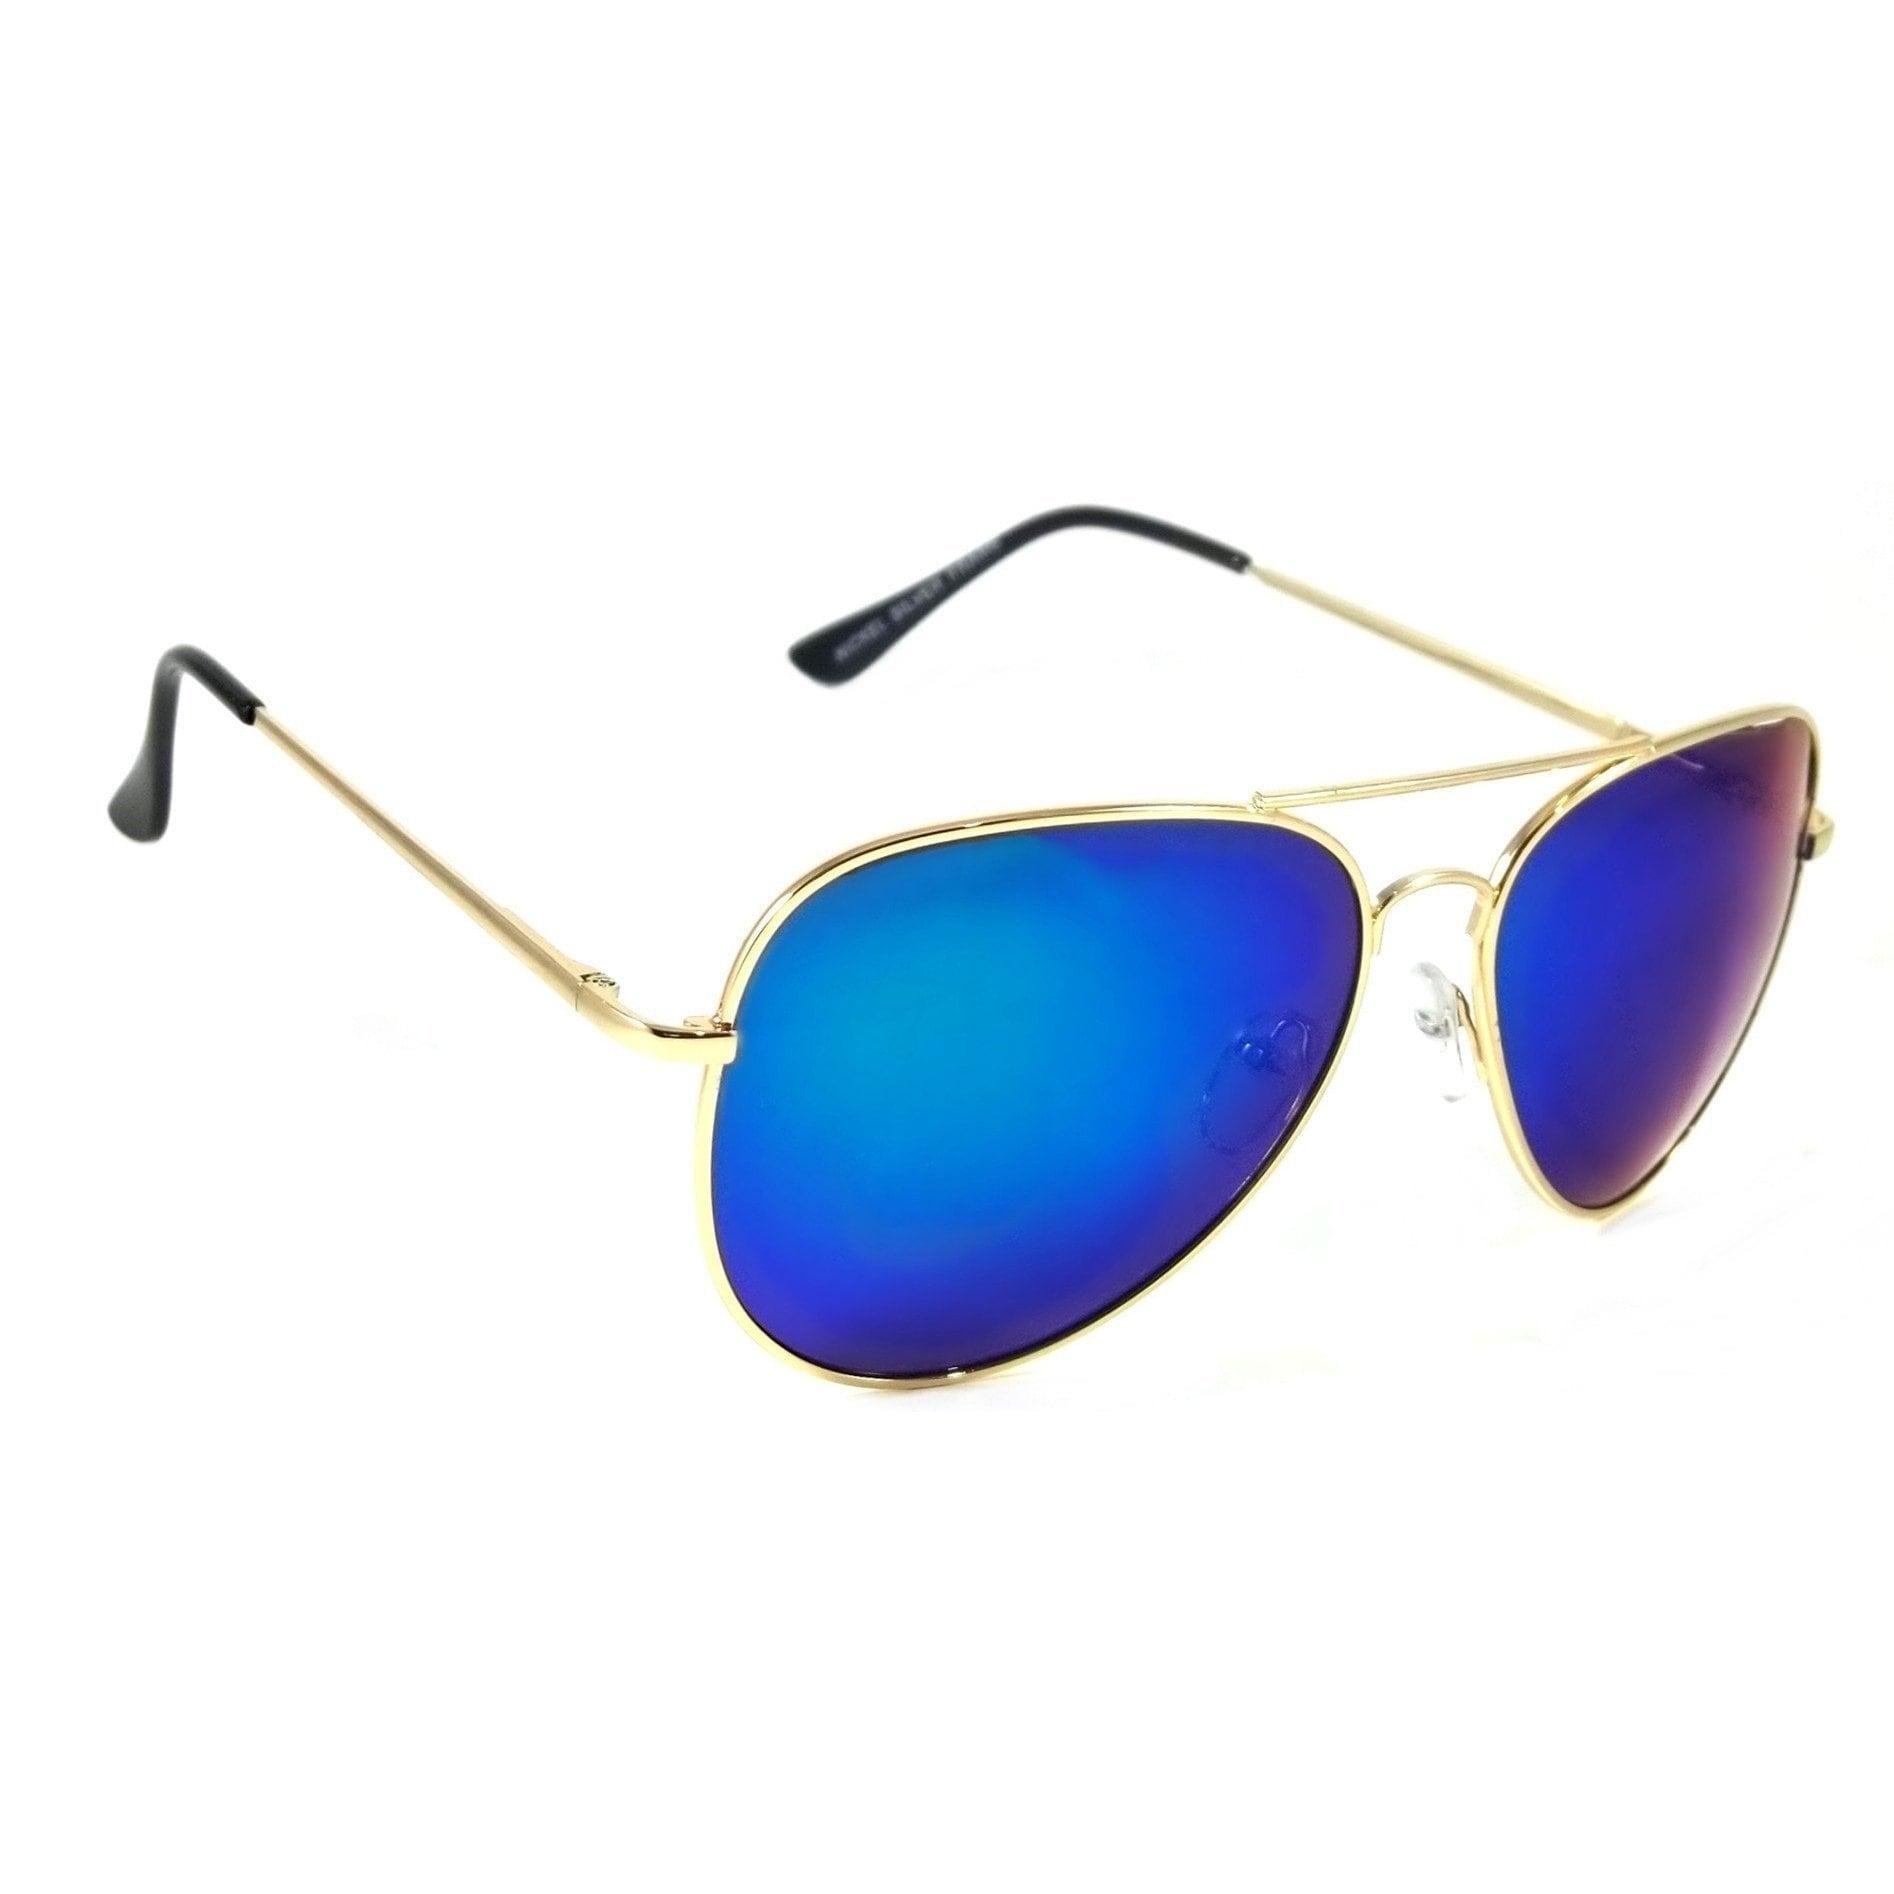 303a31b5ab2 Squad Classic Aviator Polarized Sunglasses